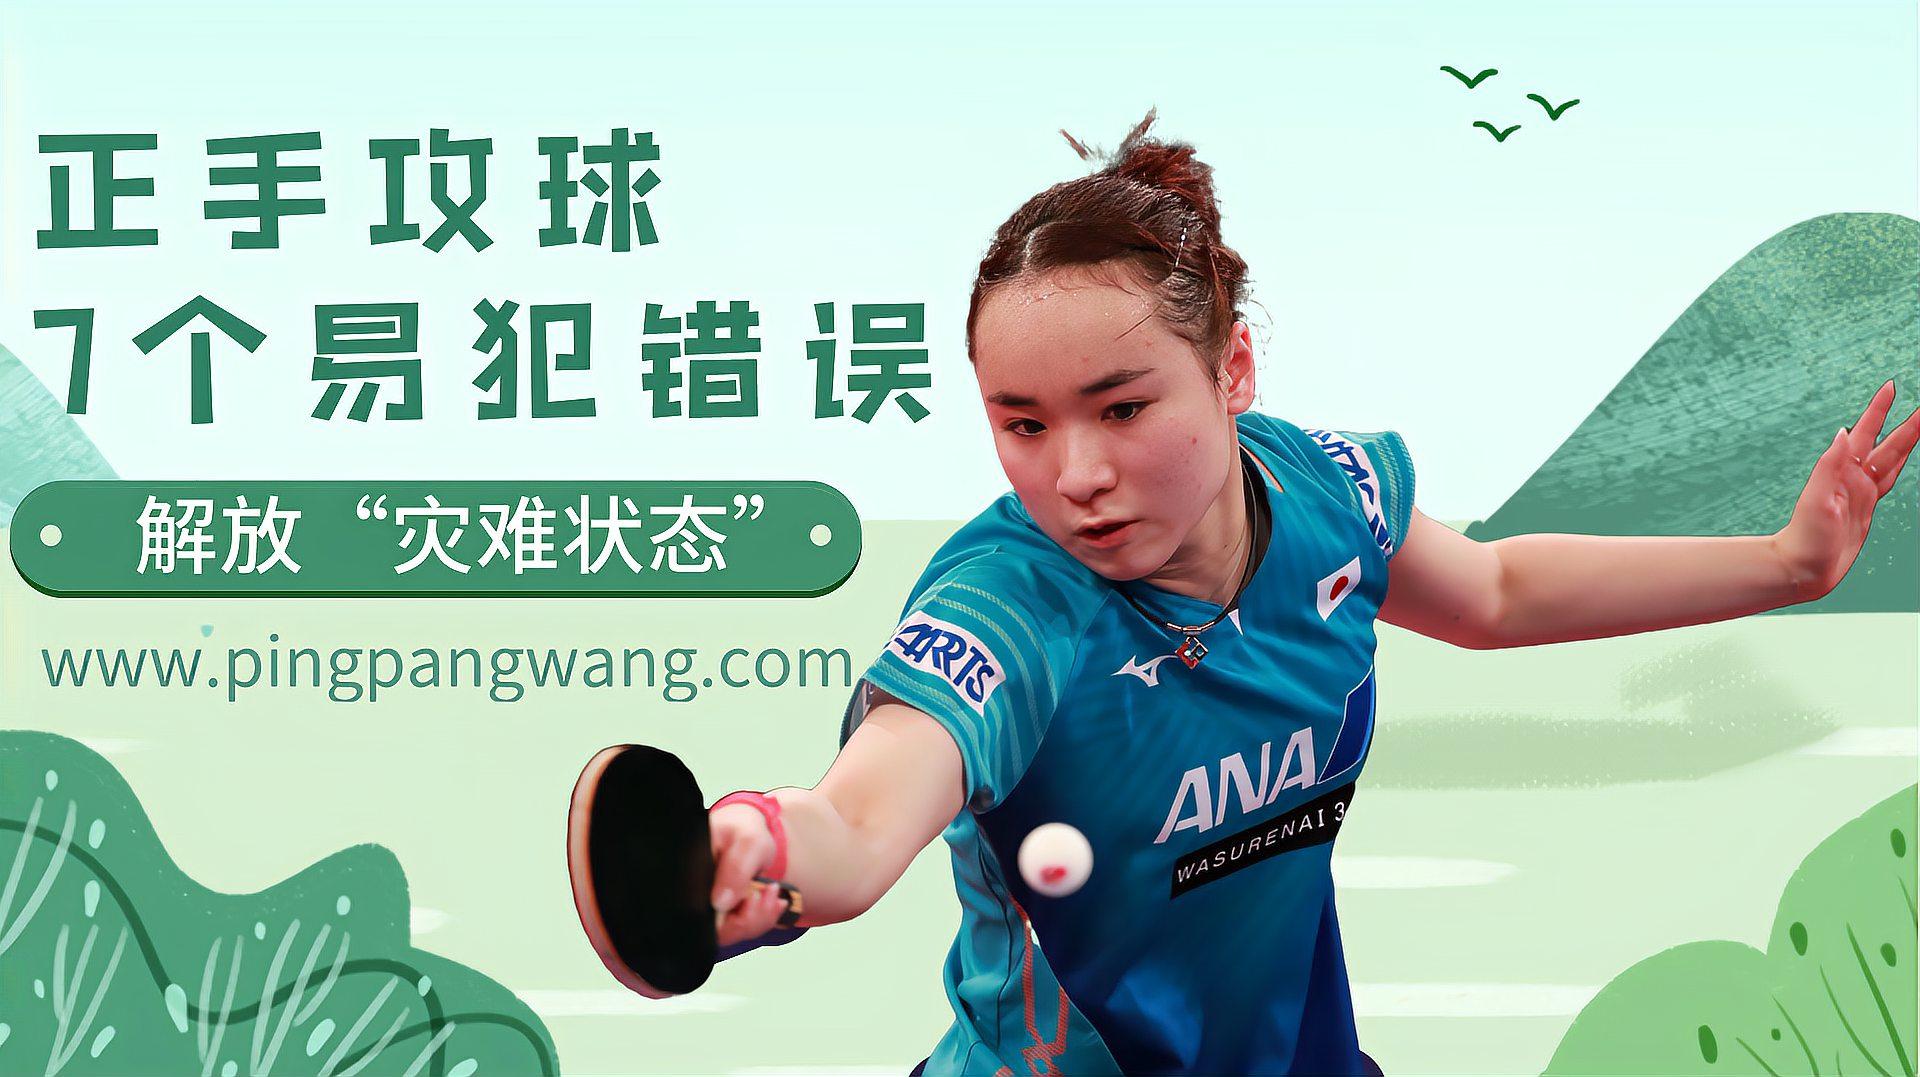 涨球了!进步了!专业了!|跟着乒乓球教练调整正手攻球